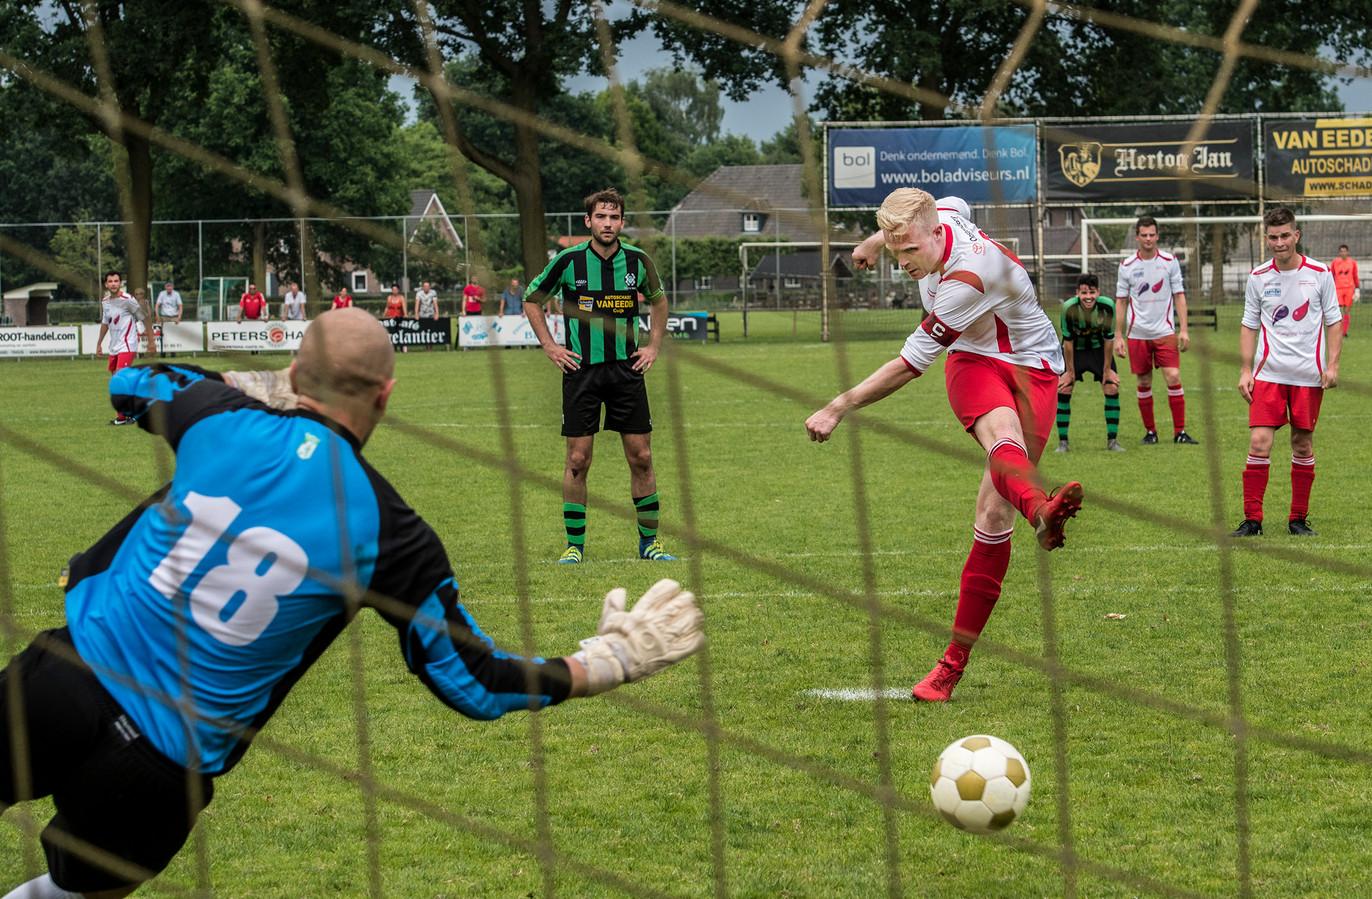 Rik Willemsen schiet een penalty raak voor Vianen Vooruit in de kampioenswedstrijd vorig seizoen tegen Hapse Boys.